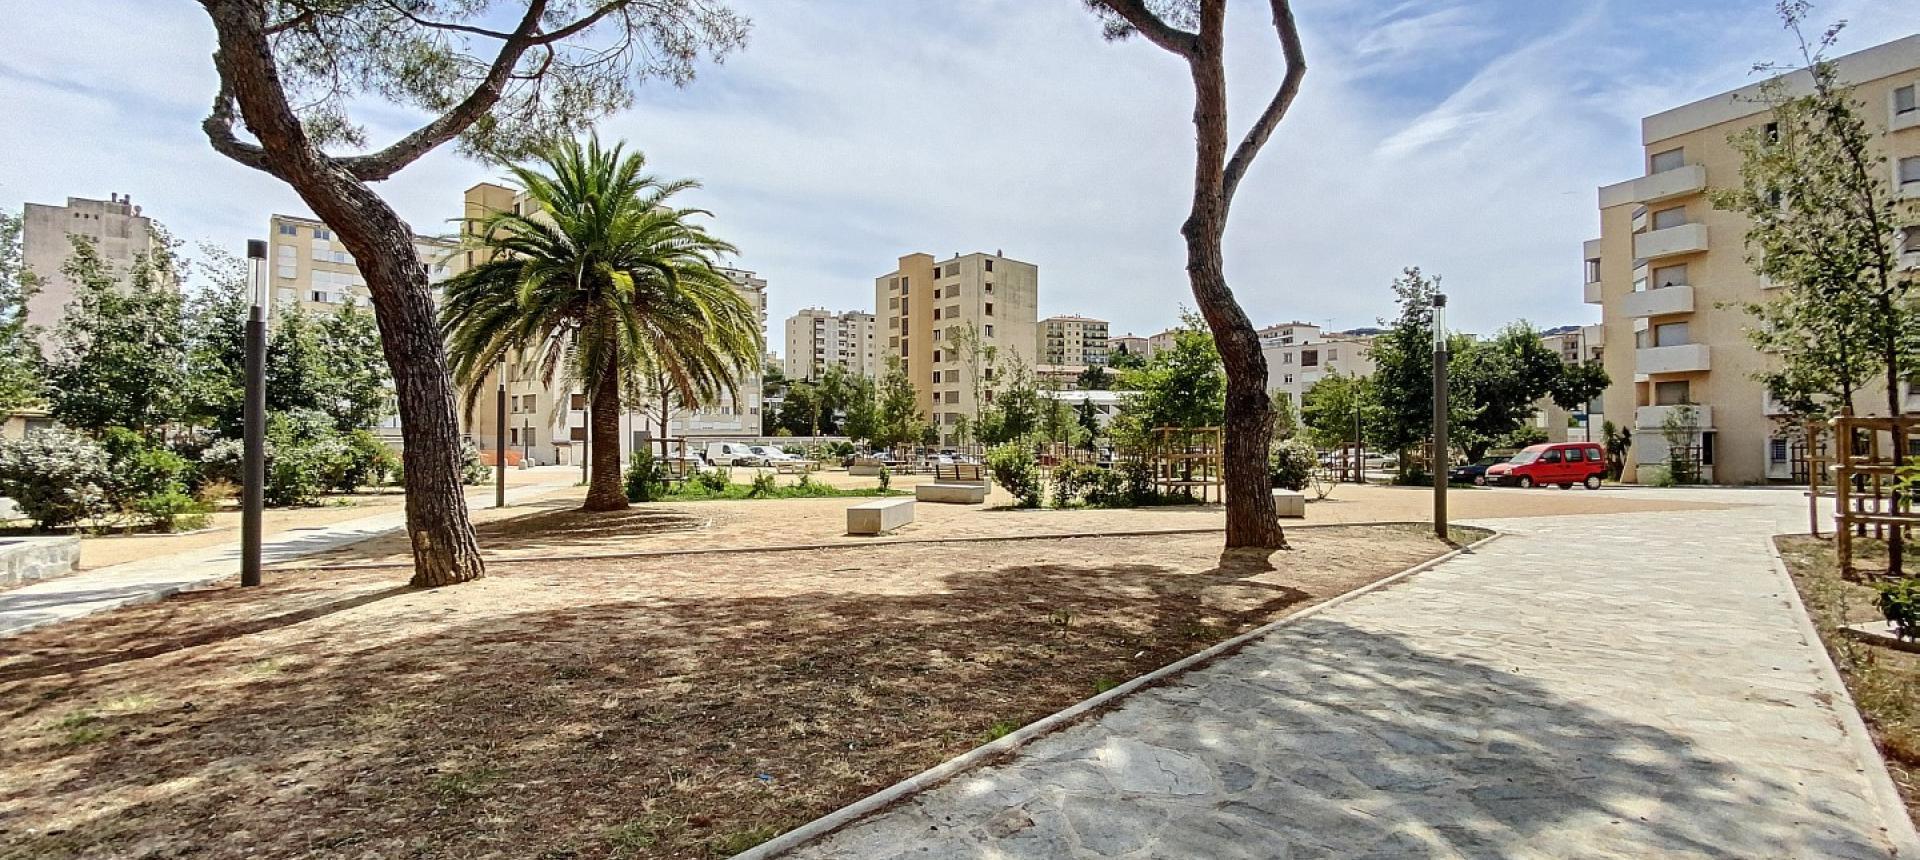 A vendre appartement F3 proche centre-ville - Vue extérieur 2